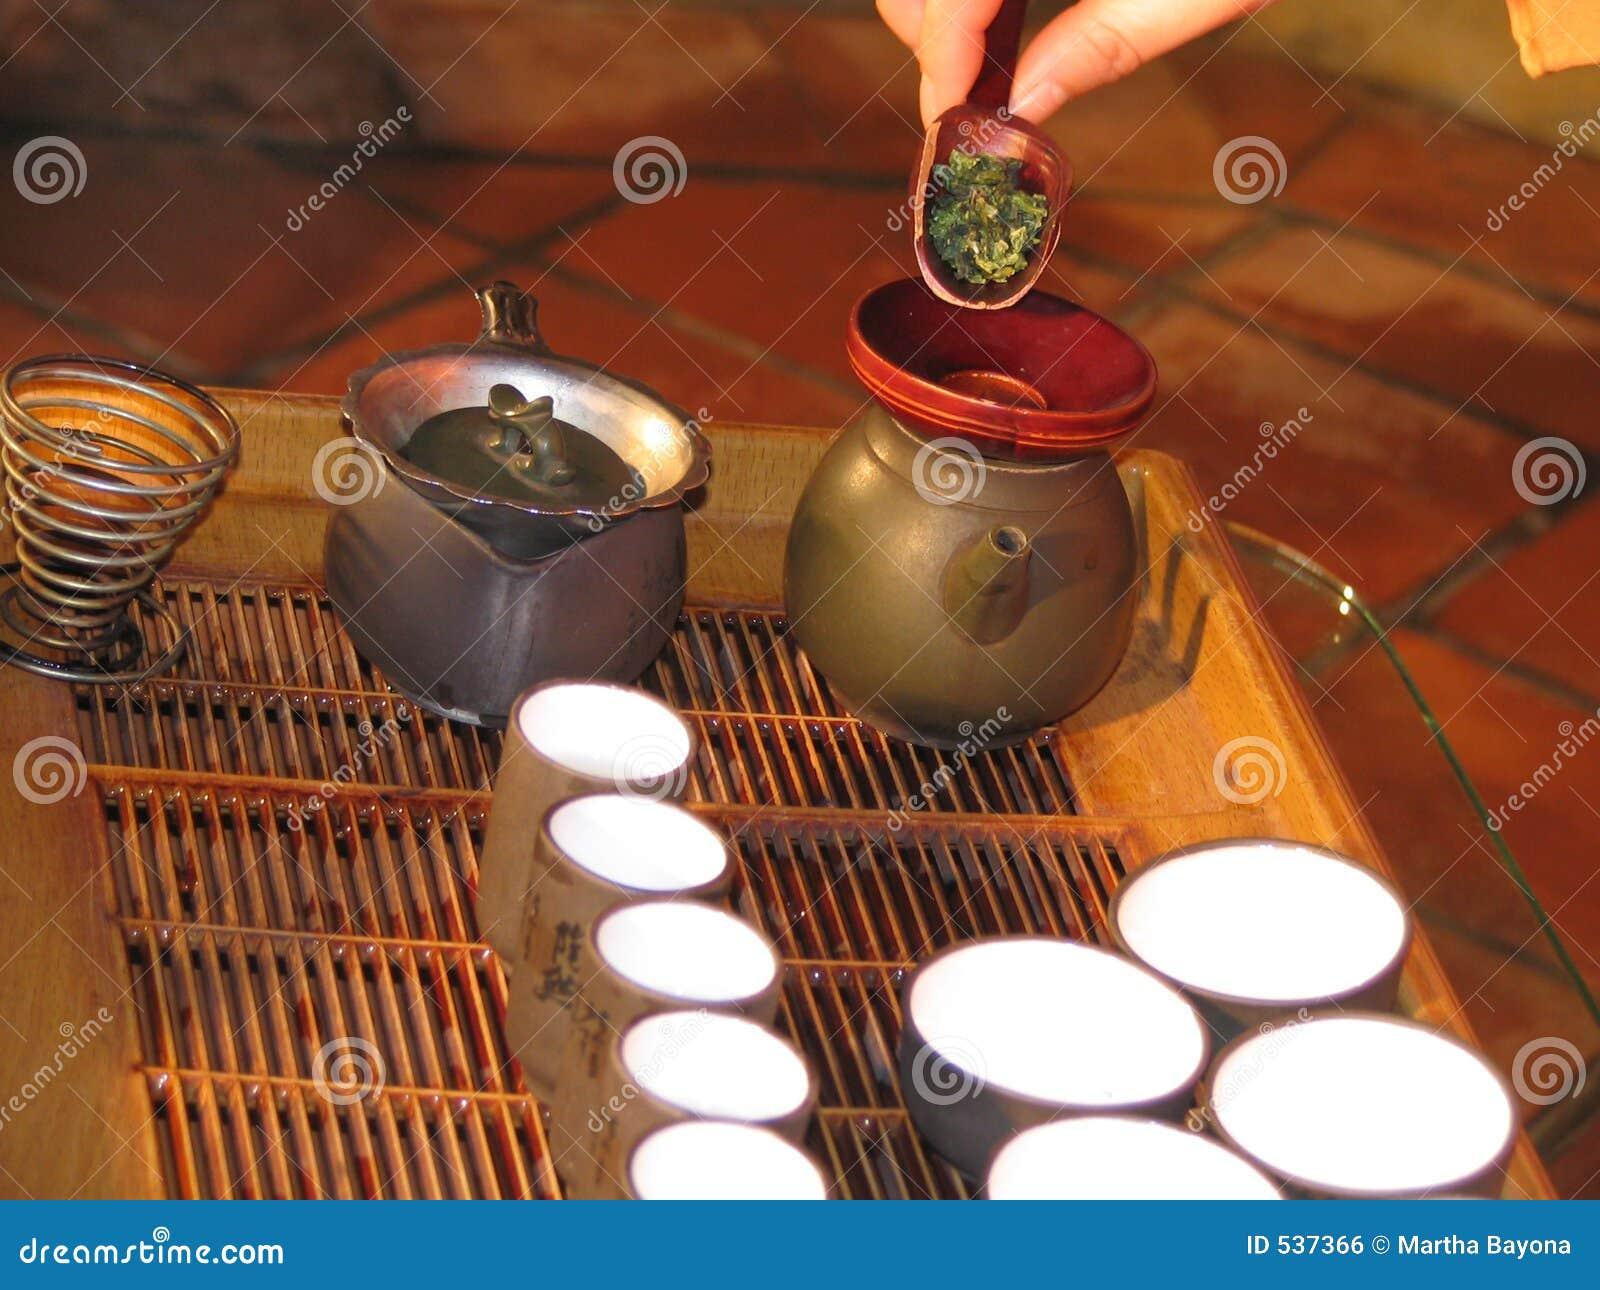 Download 中国茶 库存照片. 图片 包括有 汉语, 阿诺德, 草本, 杯子, 饮料, 烹调, 聚会所, 食物, 健康, 注入 - 537366